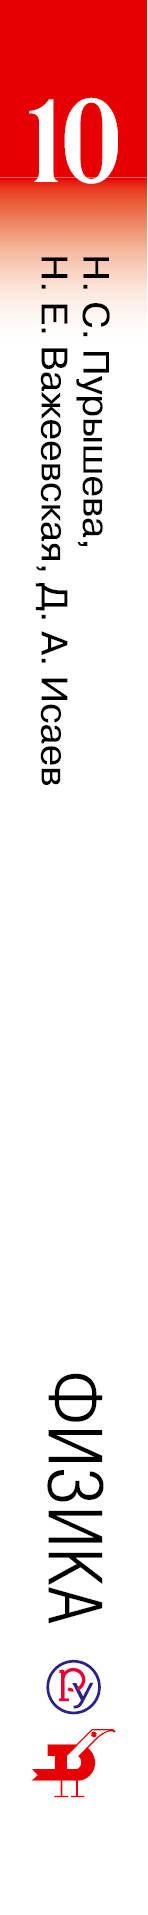 Физика. 10 класс. Базовый уровень. Наталия Сергеевна Пурышева, Наталия Евгеньевна Важеевская, Дмитрий Аркадьевич Исаев